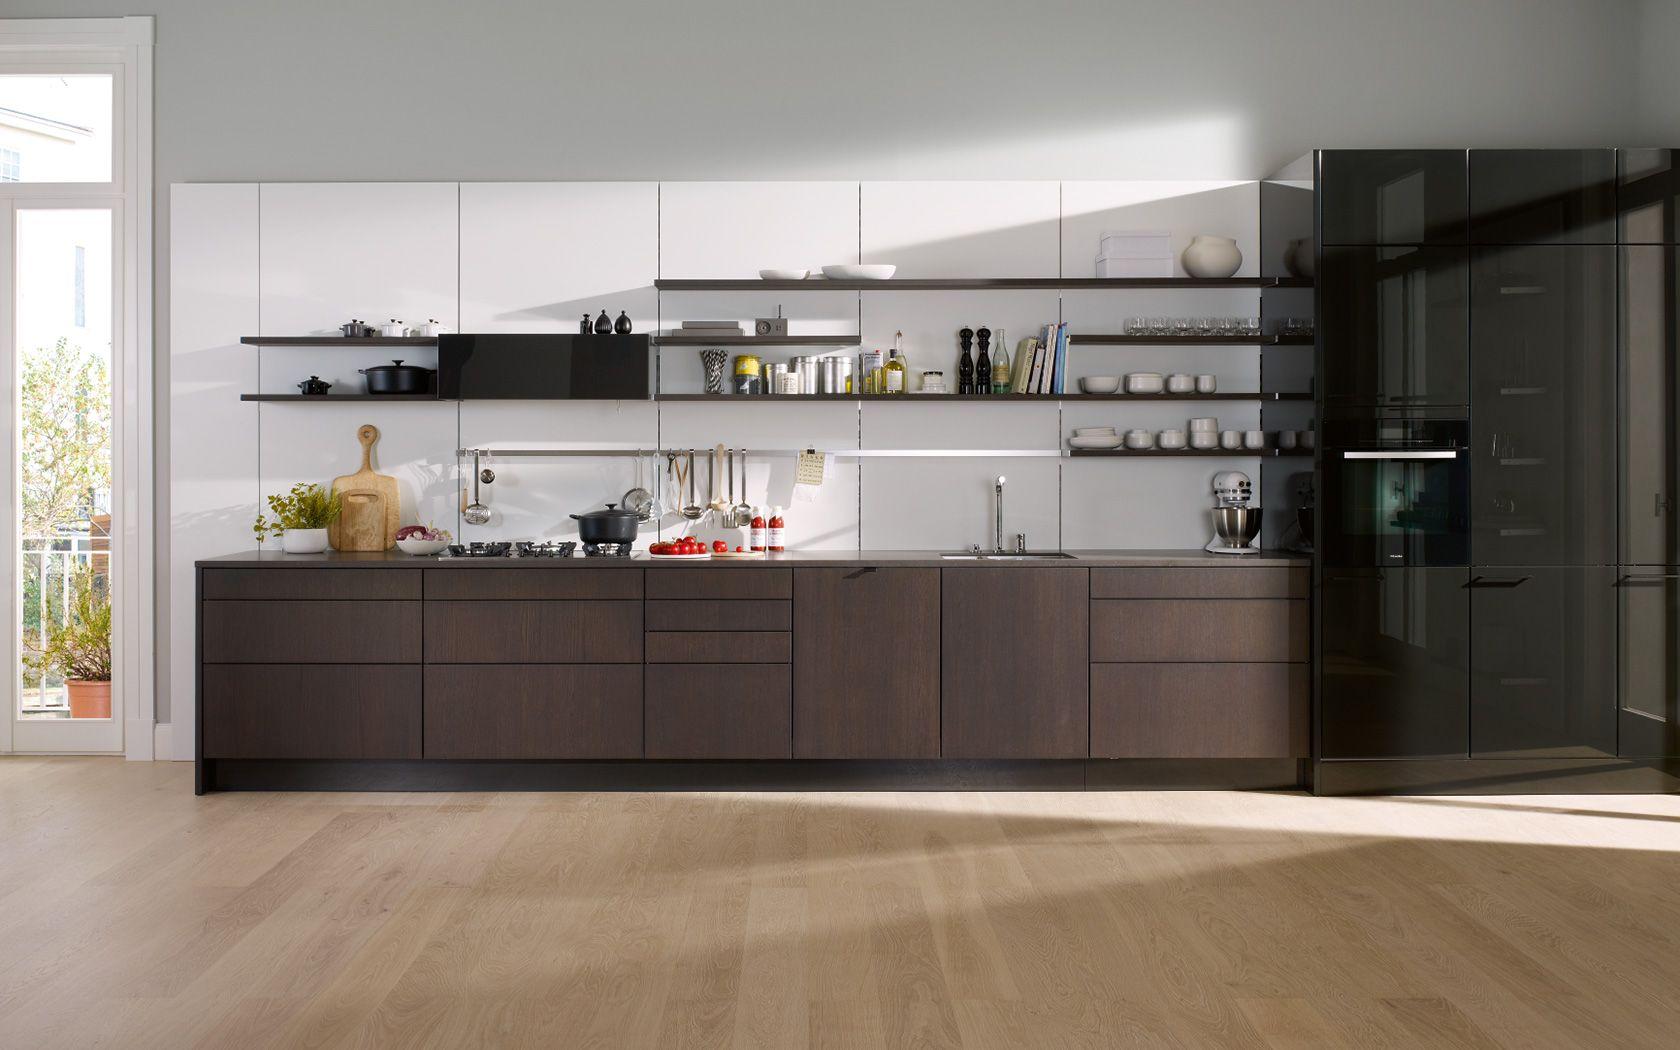 Siematic Küche SE 4004 <3 Vielleicht in \